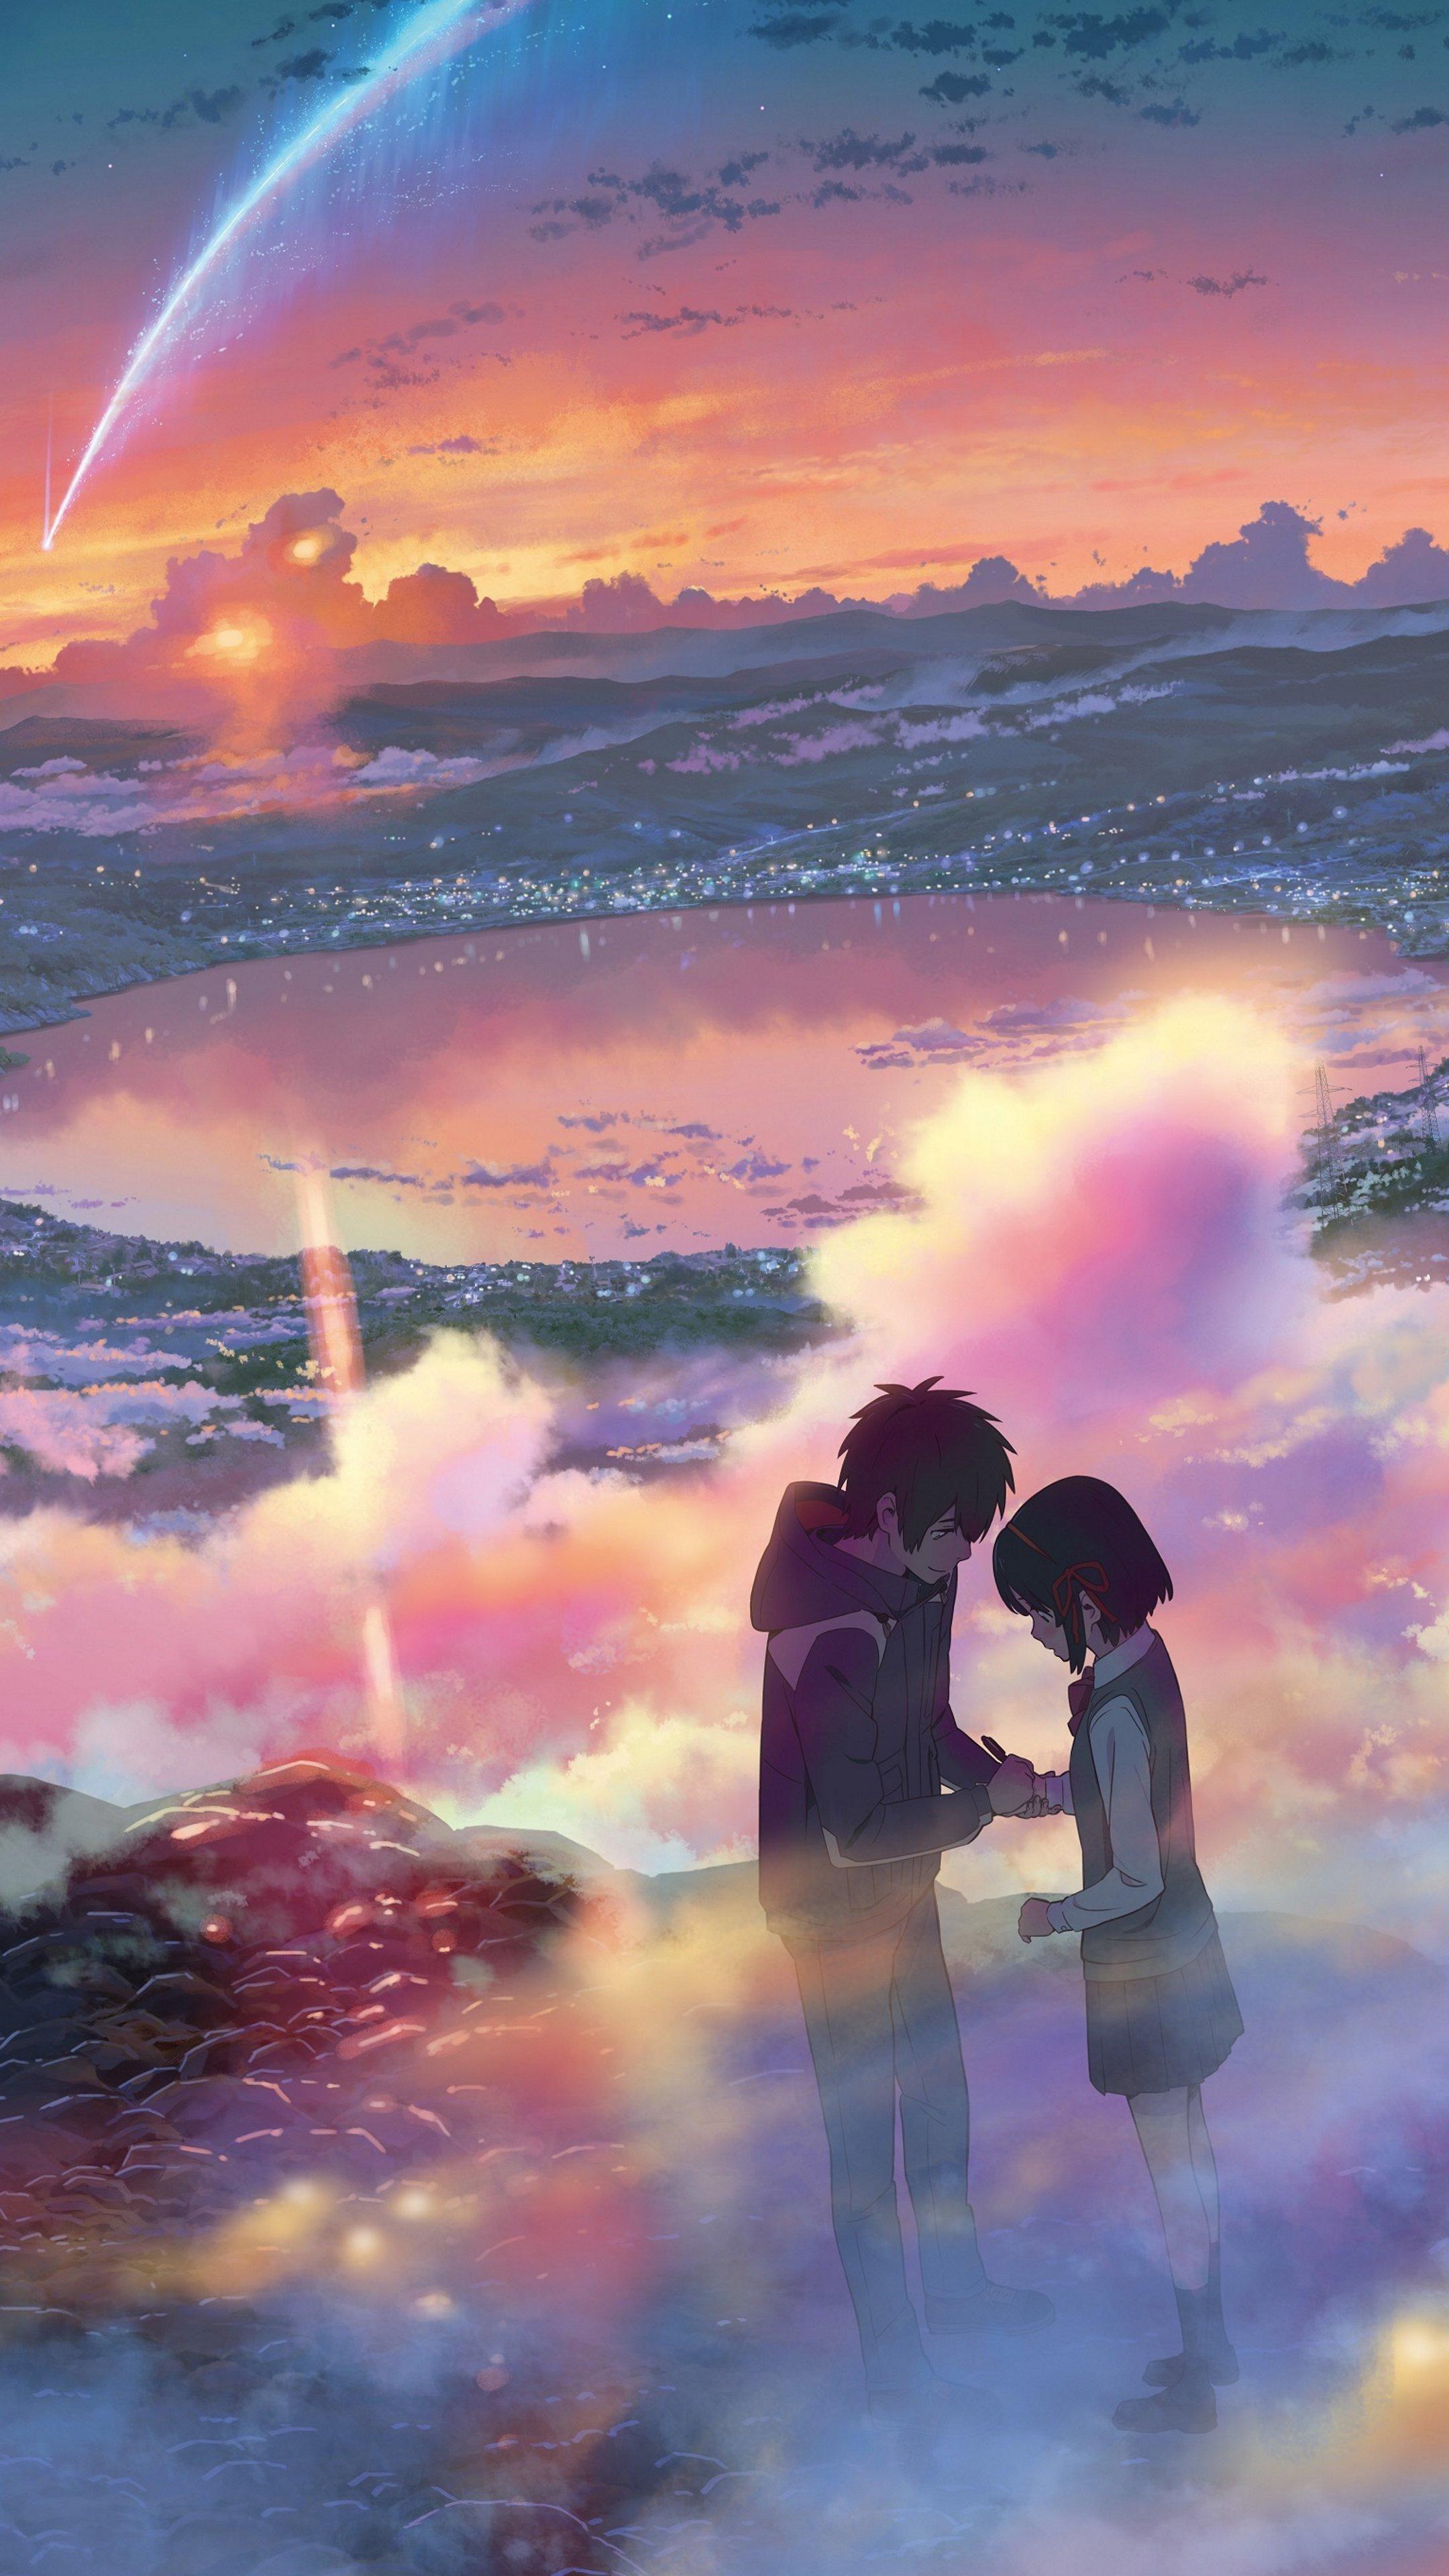 君の名は。 アニメの風景, 壁紙 アニメ